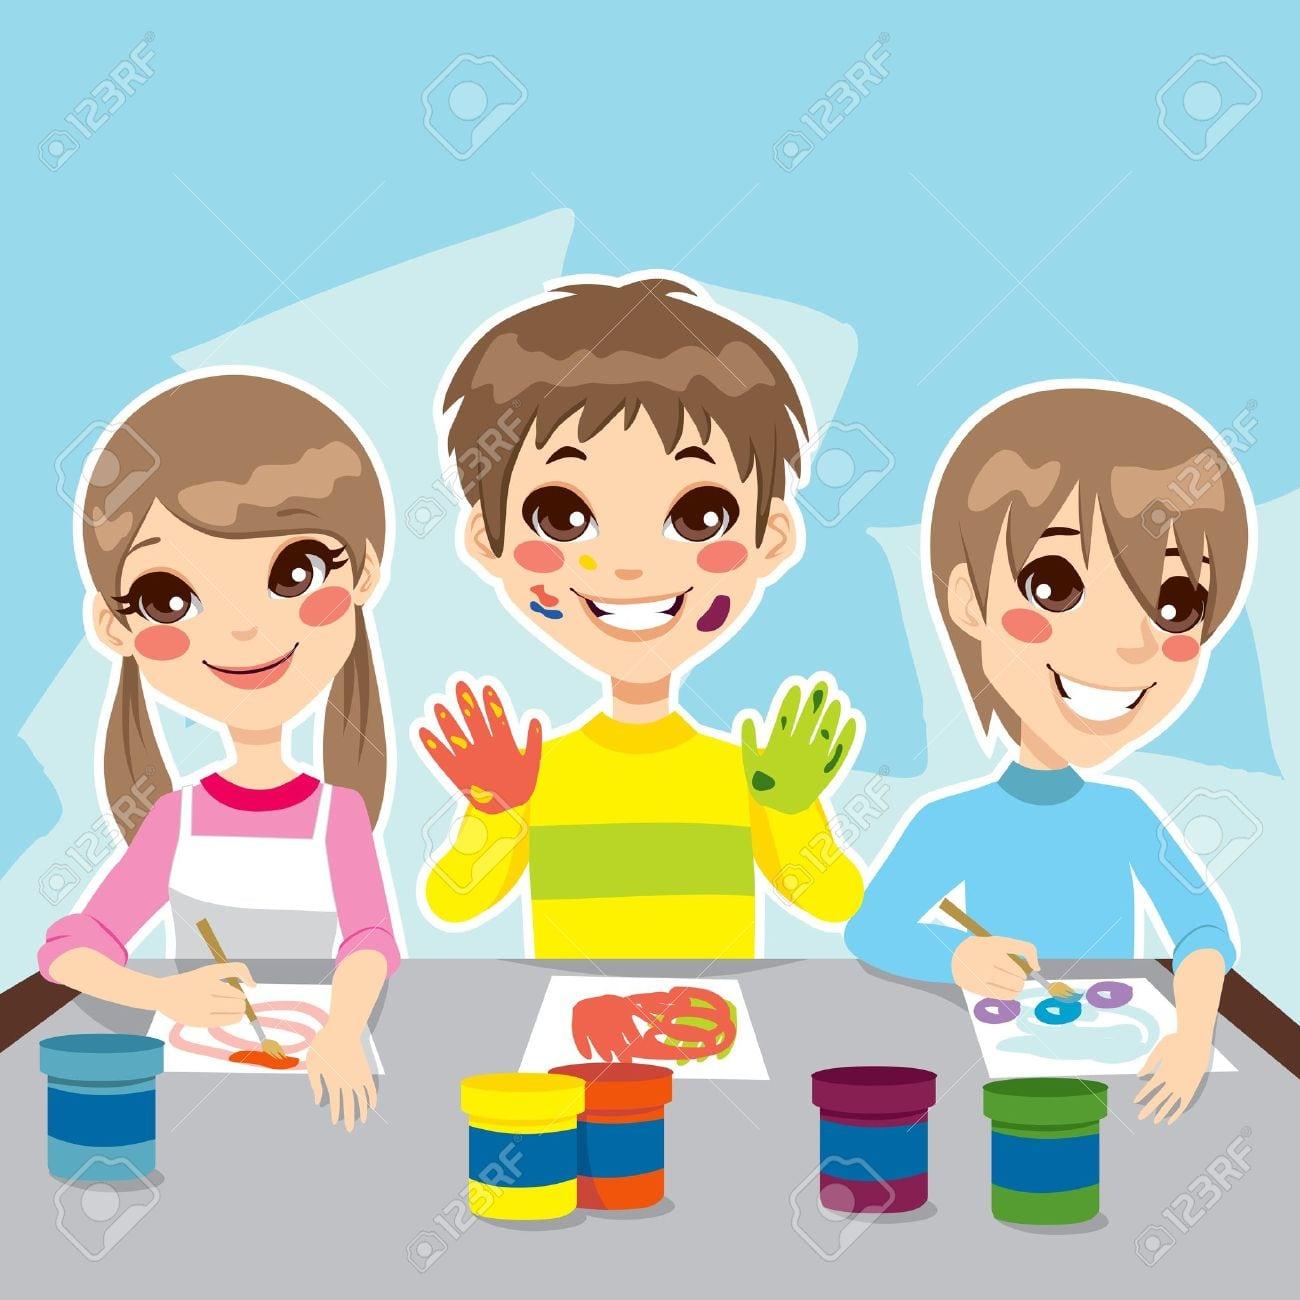 Três Crianças Jovens Se Divertindo Pintando Desenhos Coloridos